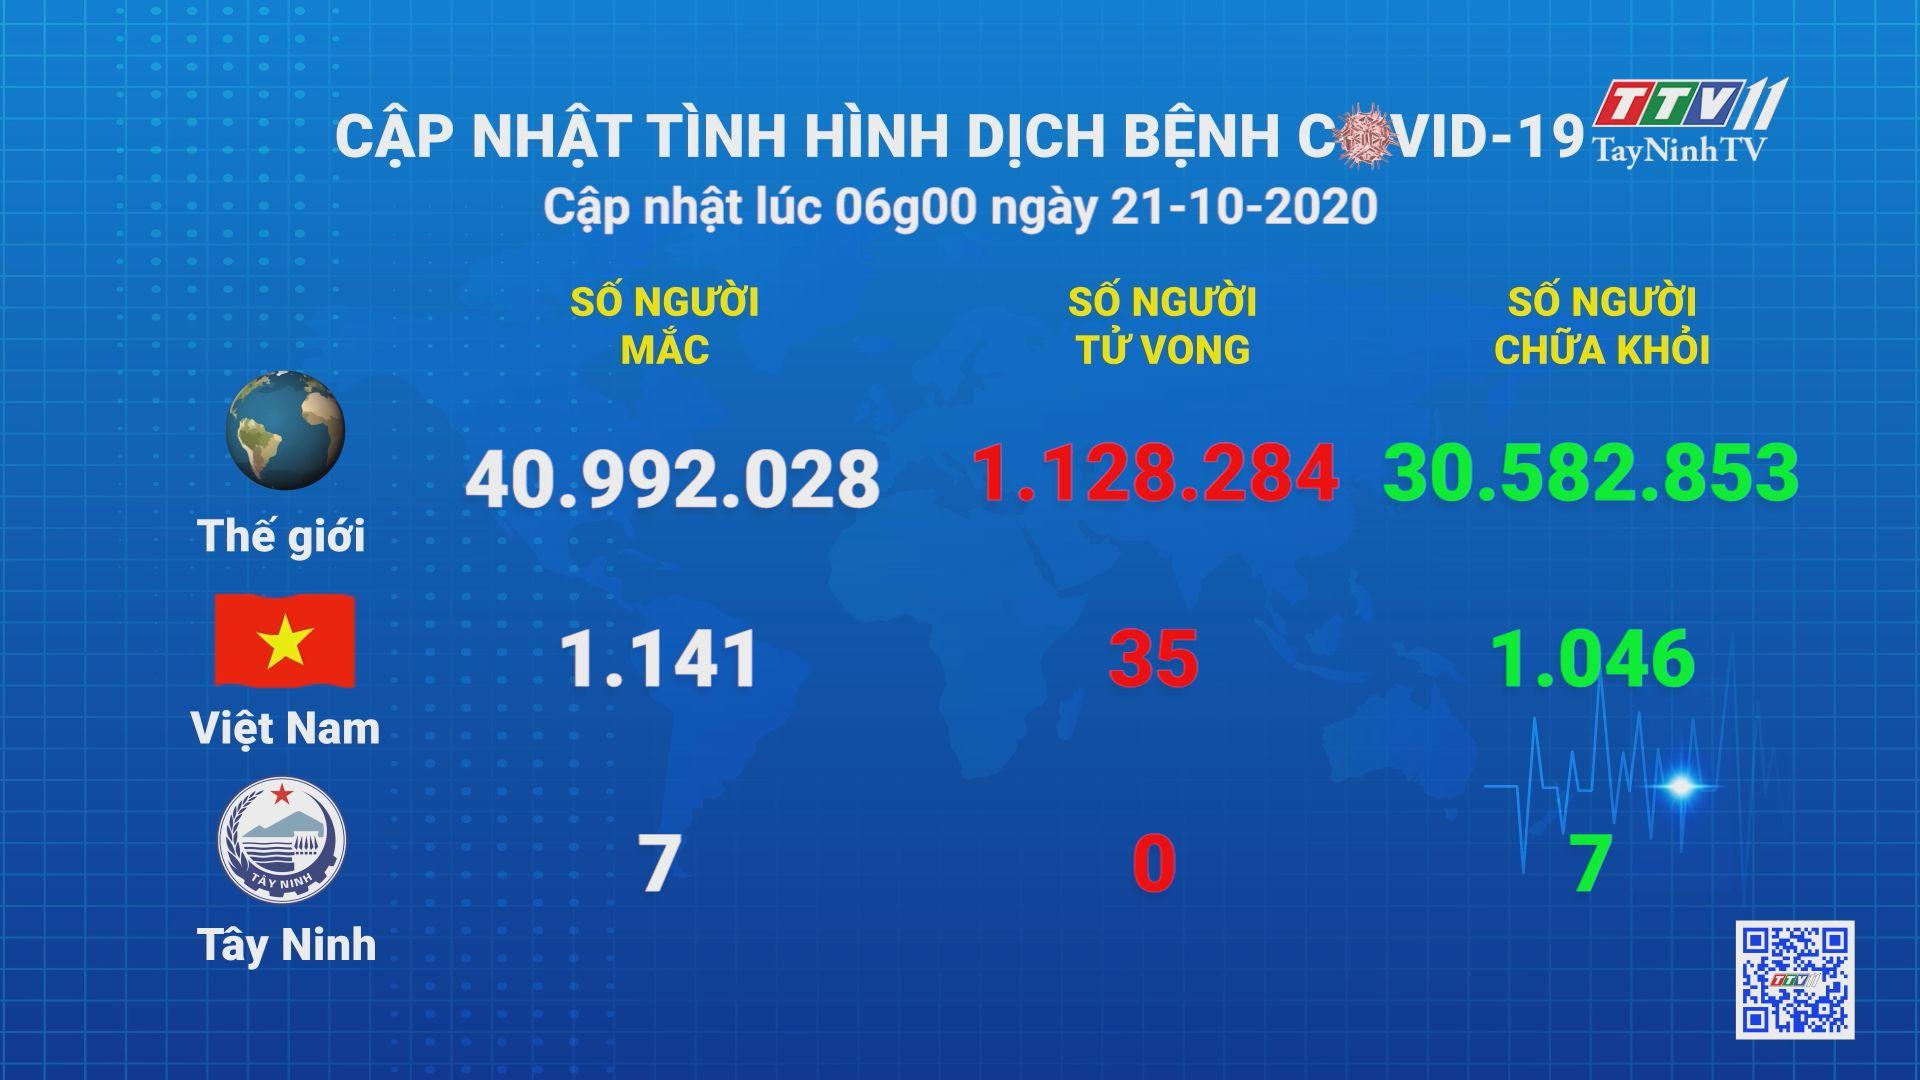 Cập nhật tình hình Covid-19 vào lúc 06 giờ 21-10-2020 | Thông tin dịch Covid-19 | TayNinhTV